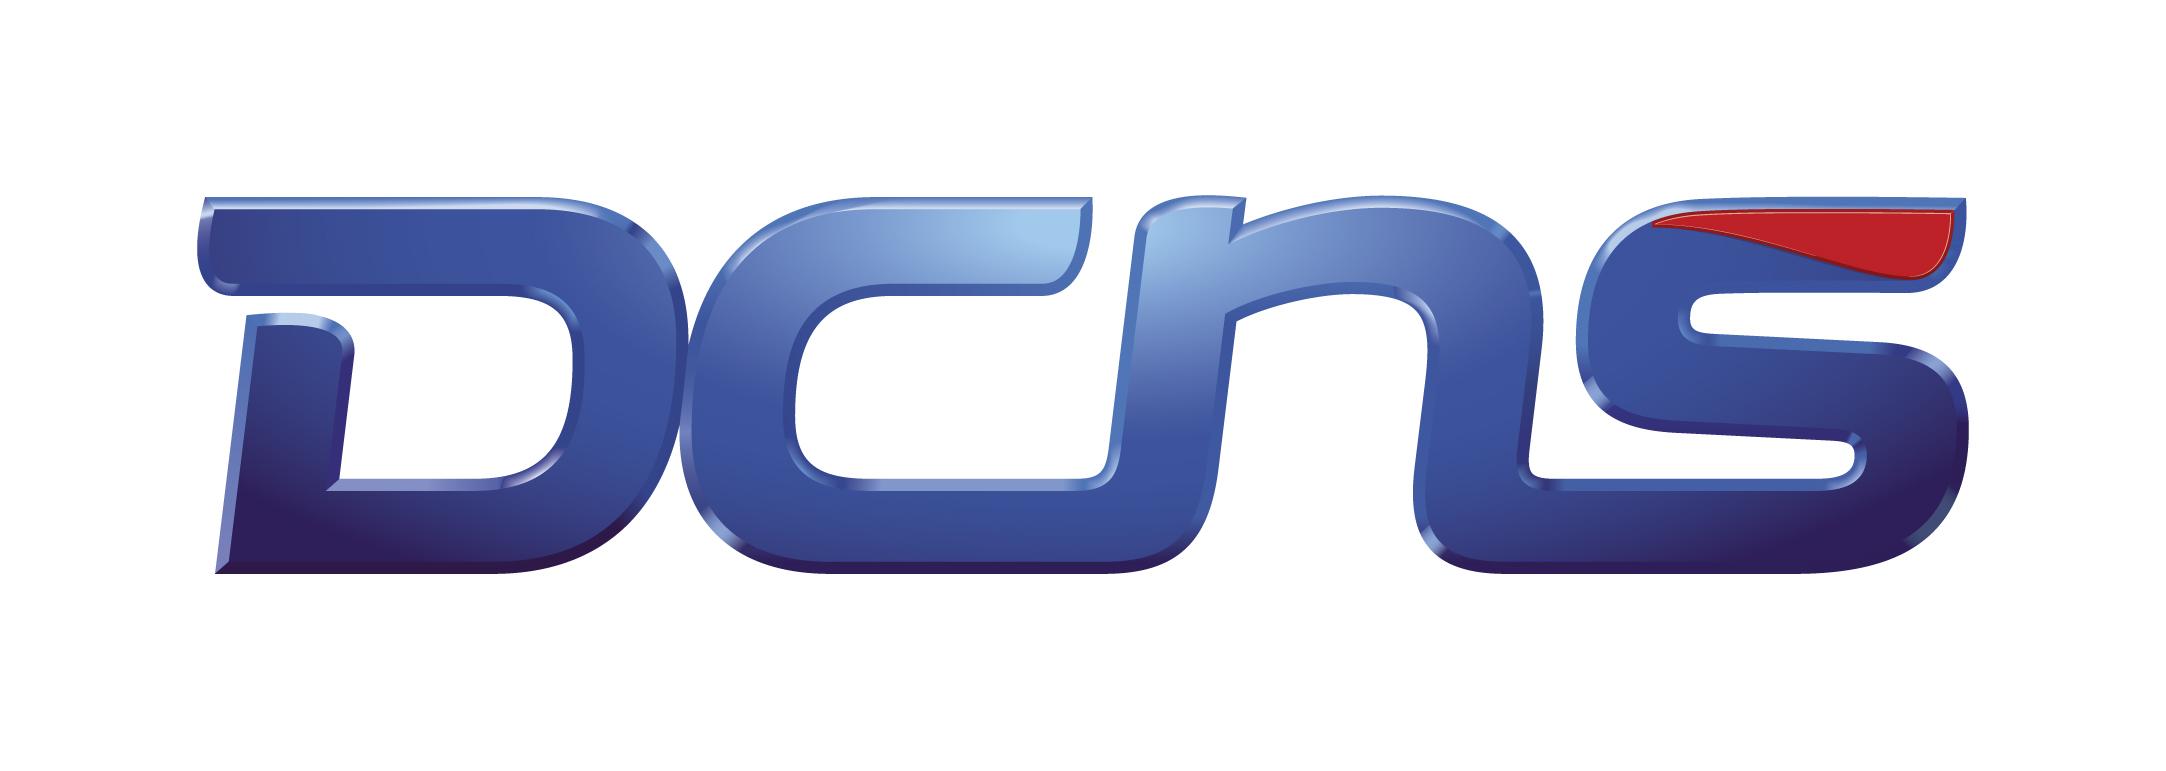 52aae15c0d3ee7406a00028b_DCNS-Logo.jpg